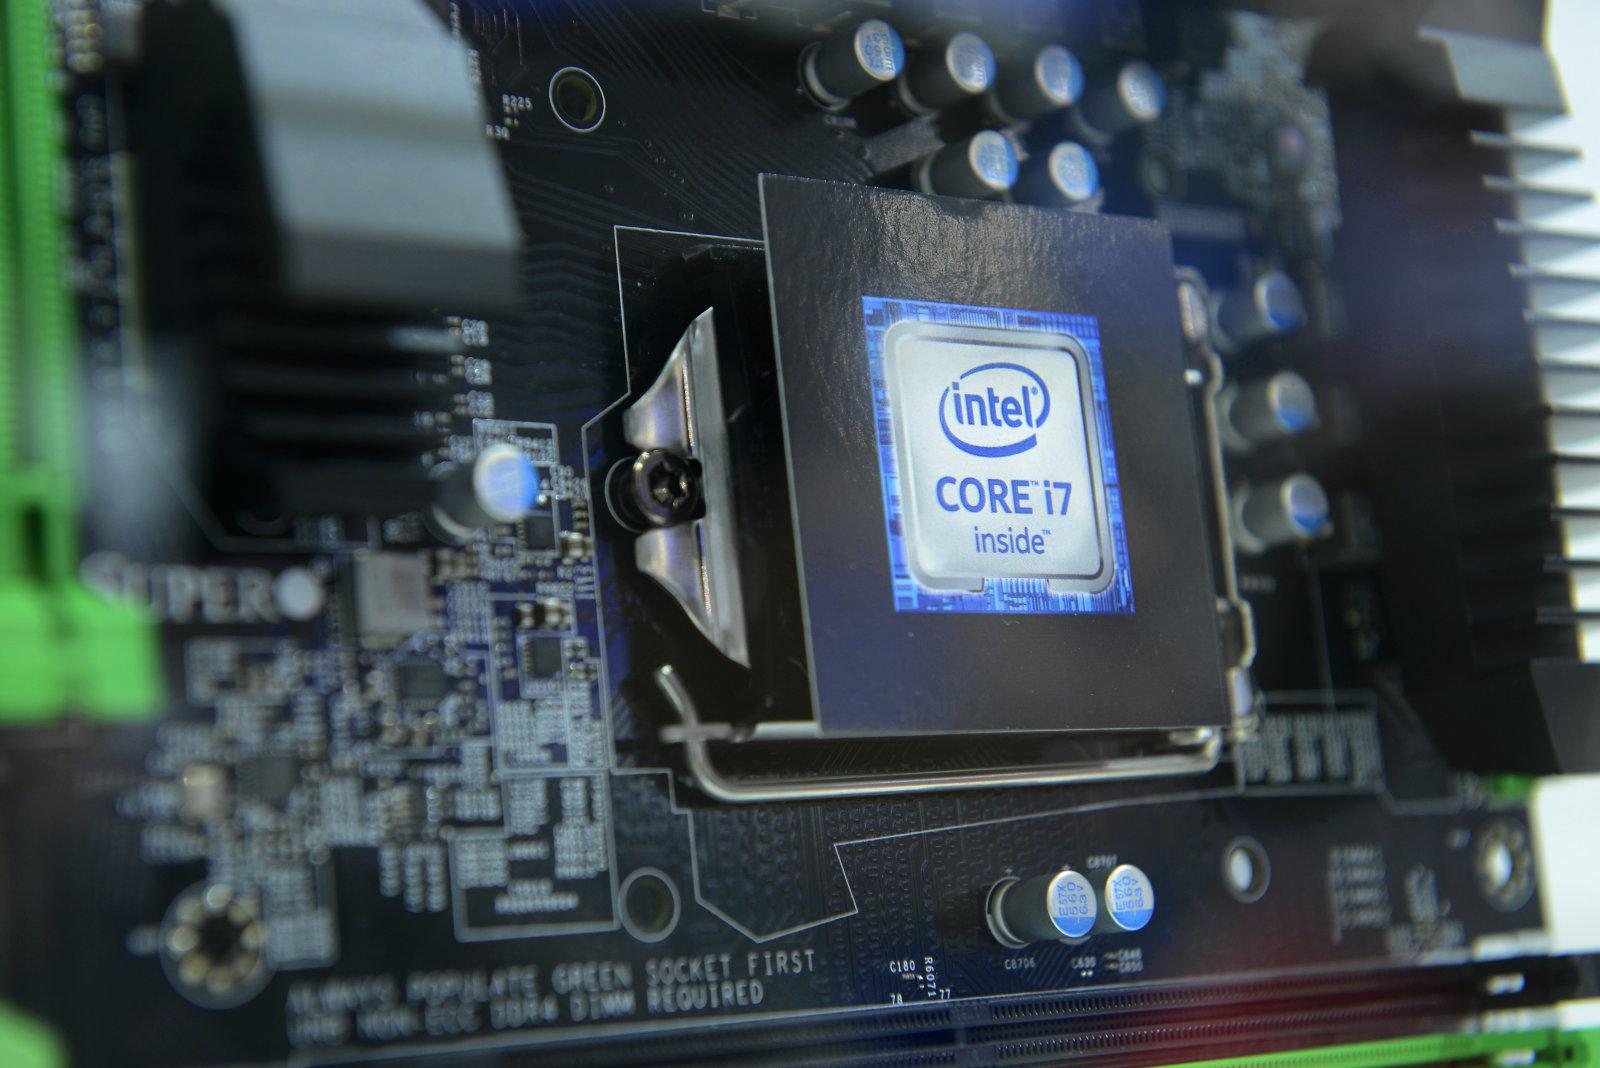 Intel Prozessor, Cebit, Hannover, Niedersachsen, Deutschland   (Photo by Schöning/ullstein bild via Getty Images)